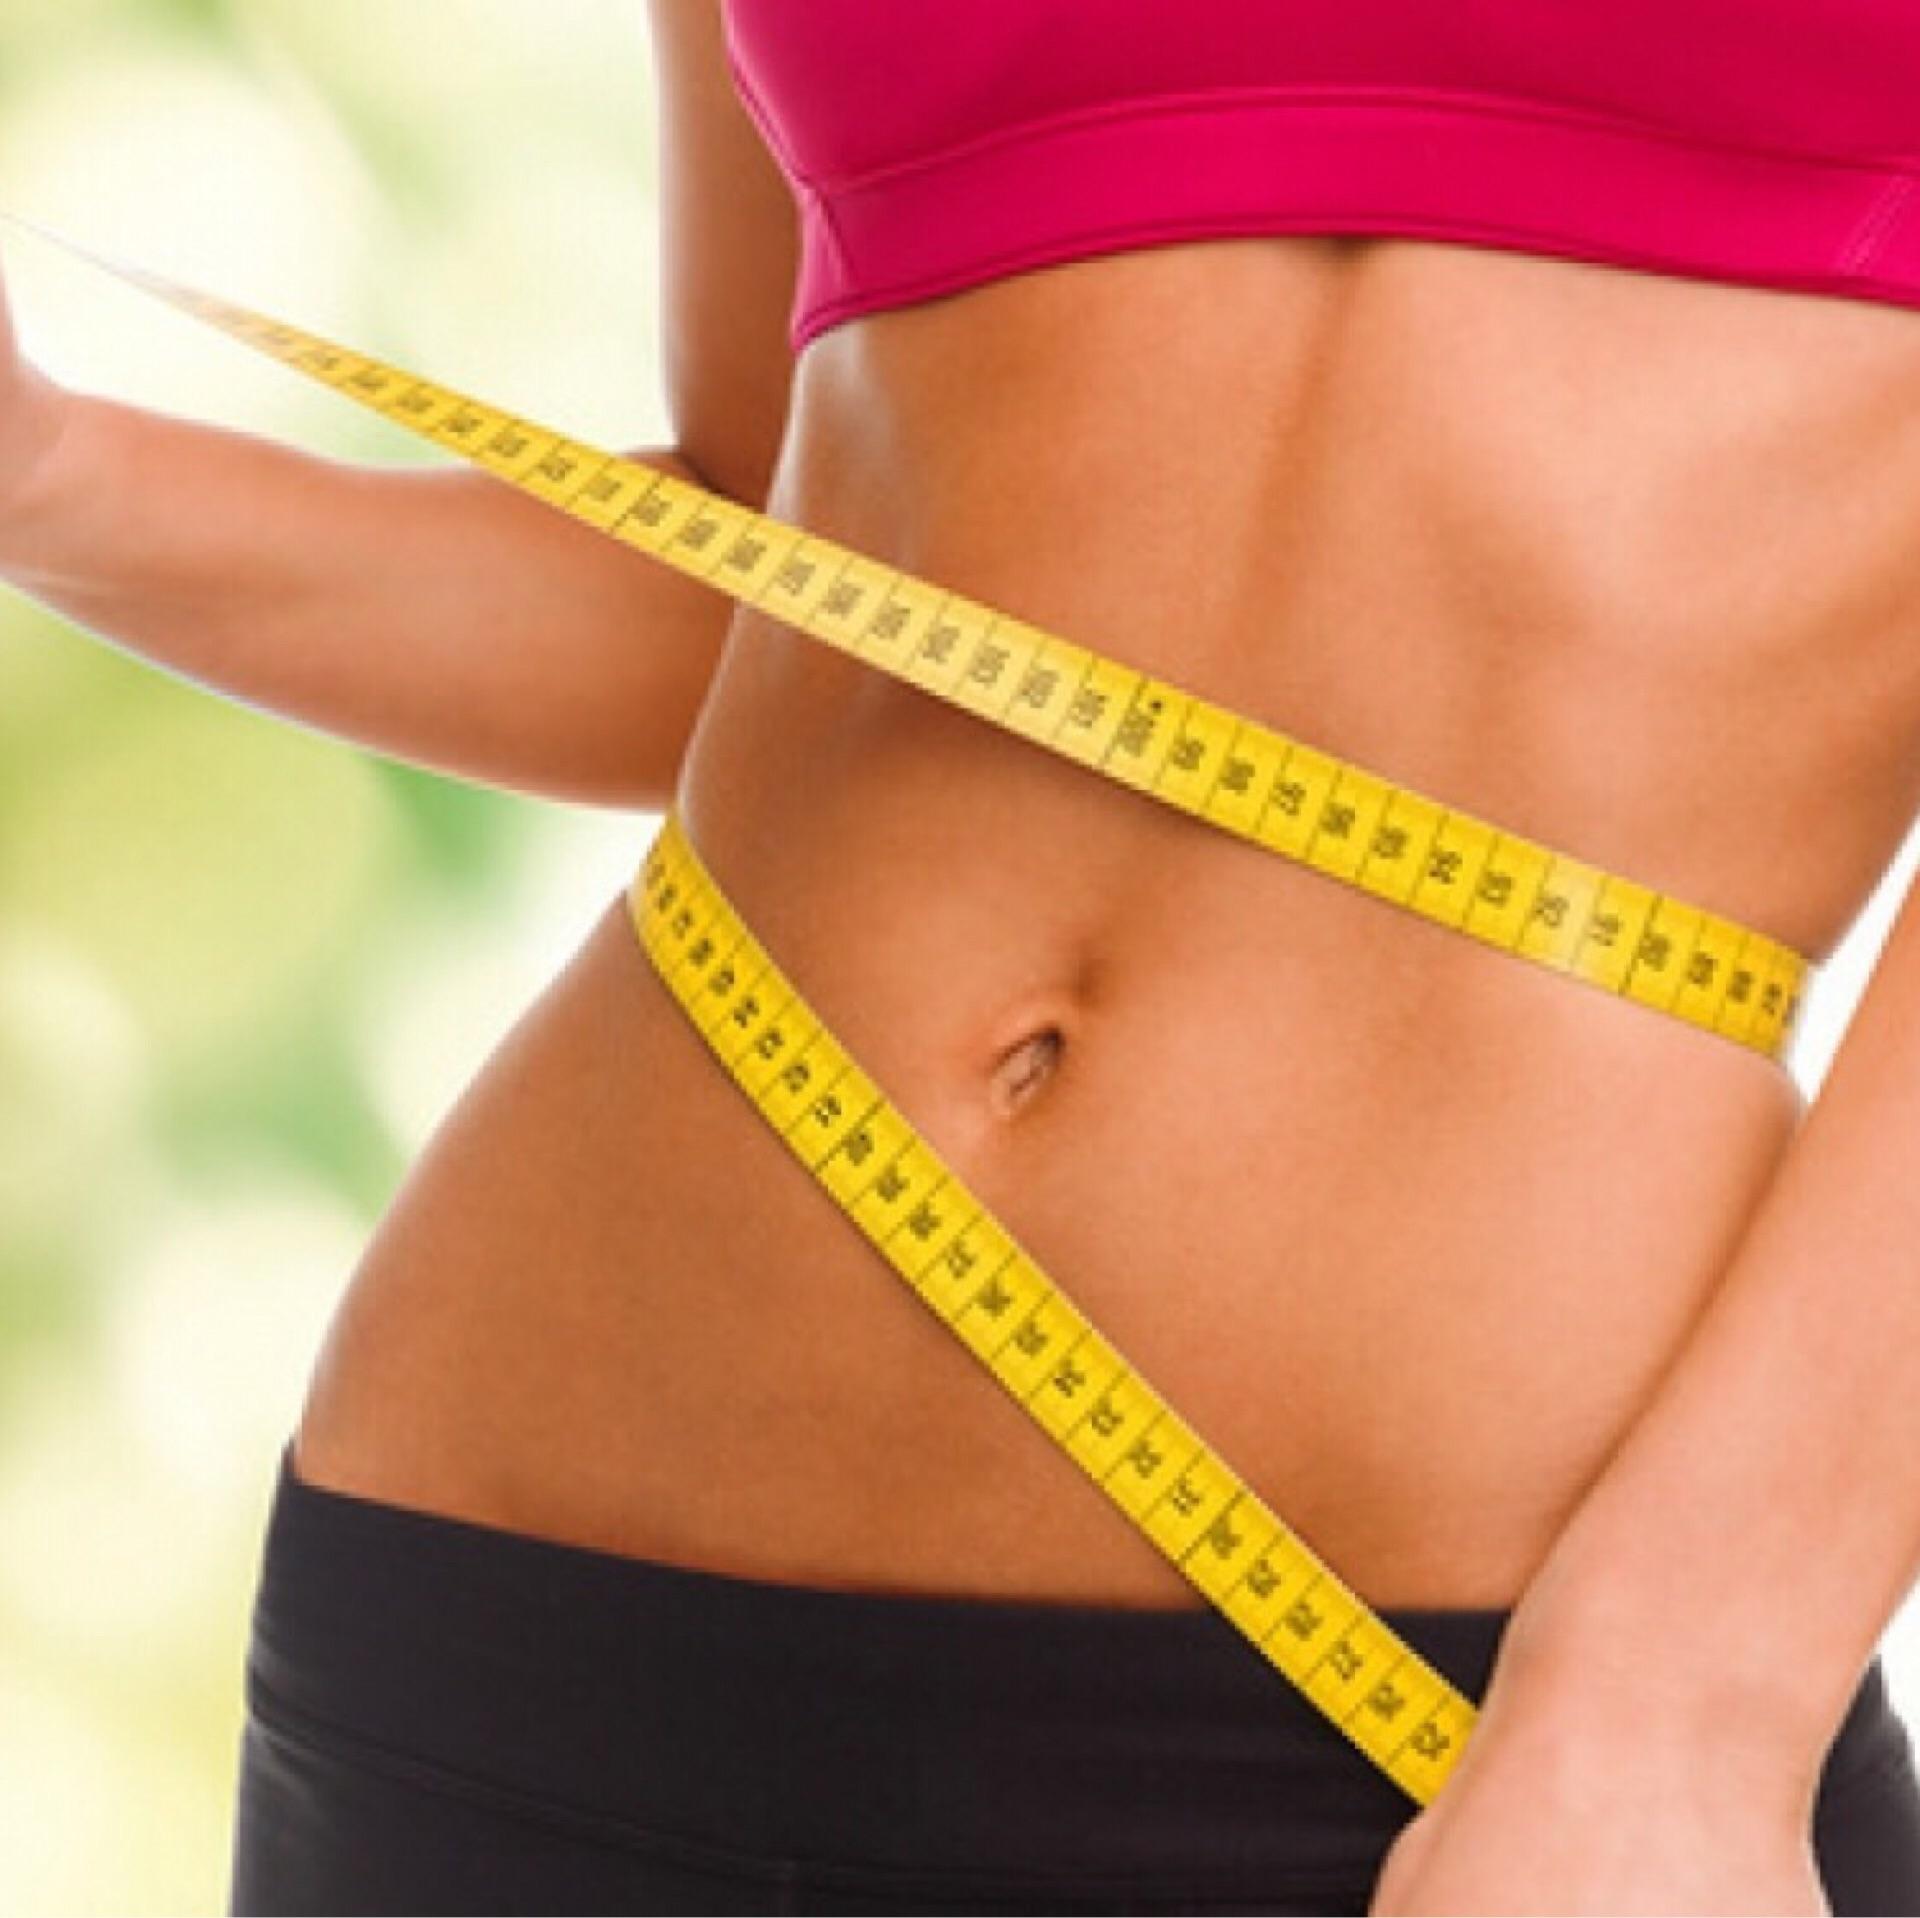 Интересные Сайты Похудение. 10 лучших сайтов про диеты и похудение